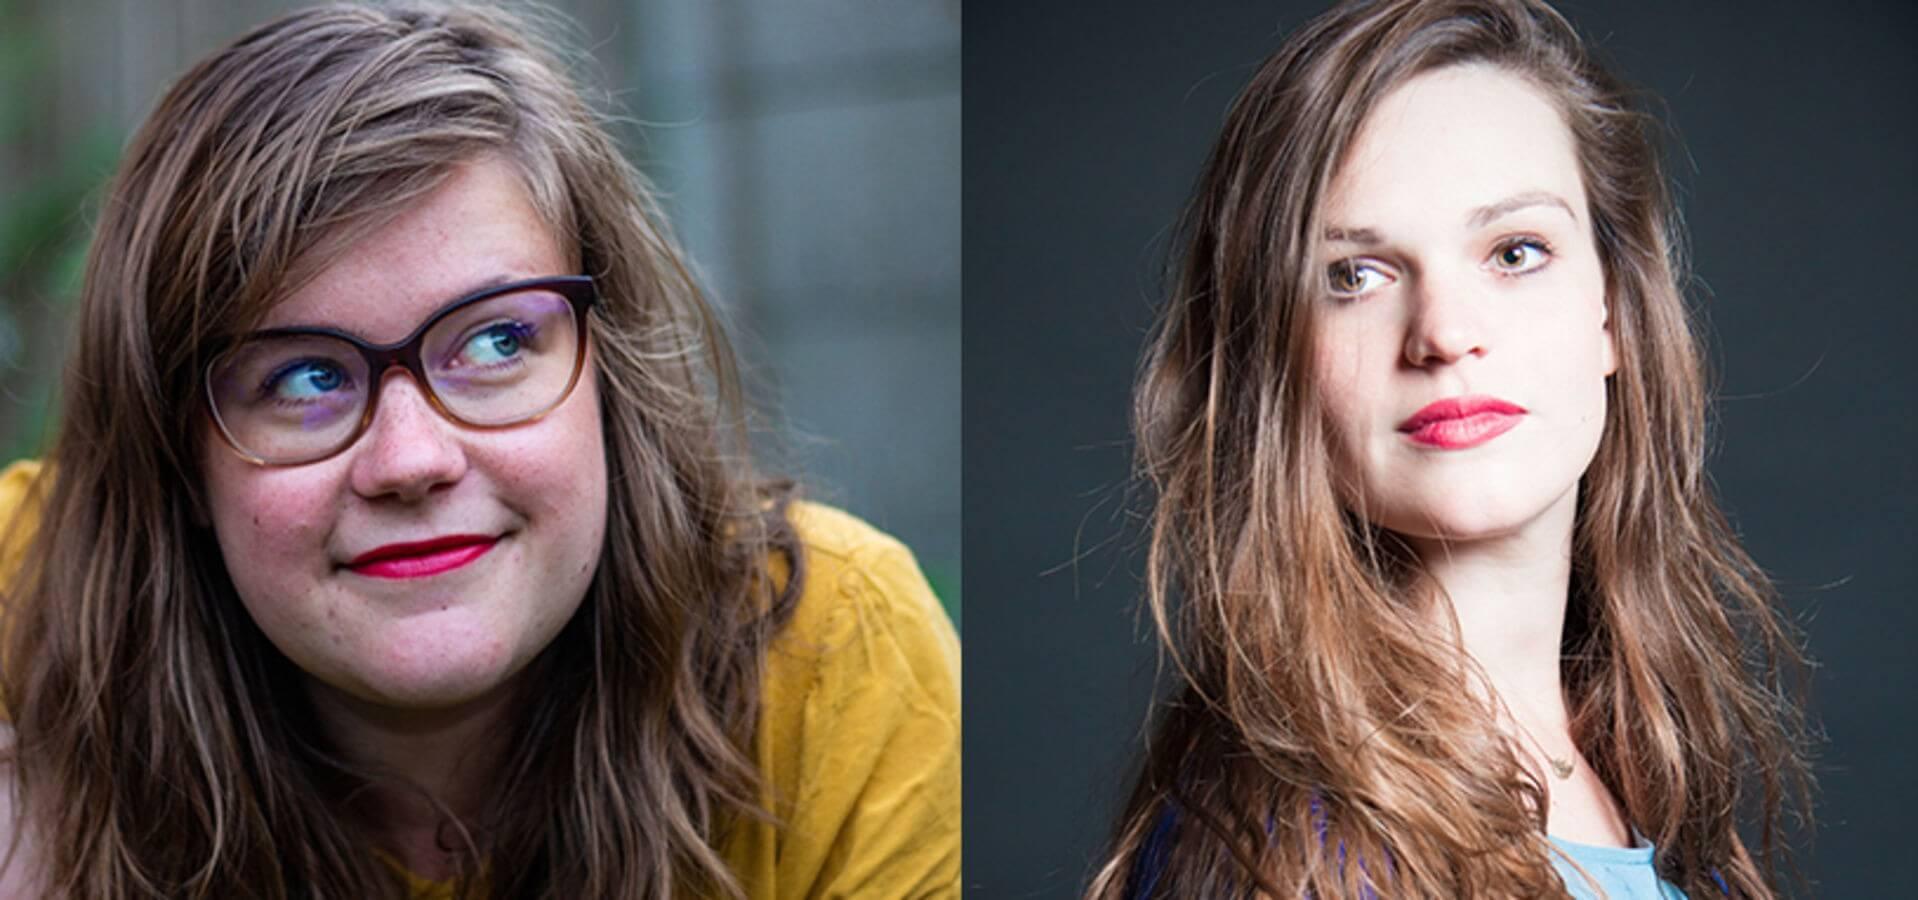 Elly Scheele en Eva Line de Boer - Foto's Karen van Dijk / Casper Koster